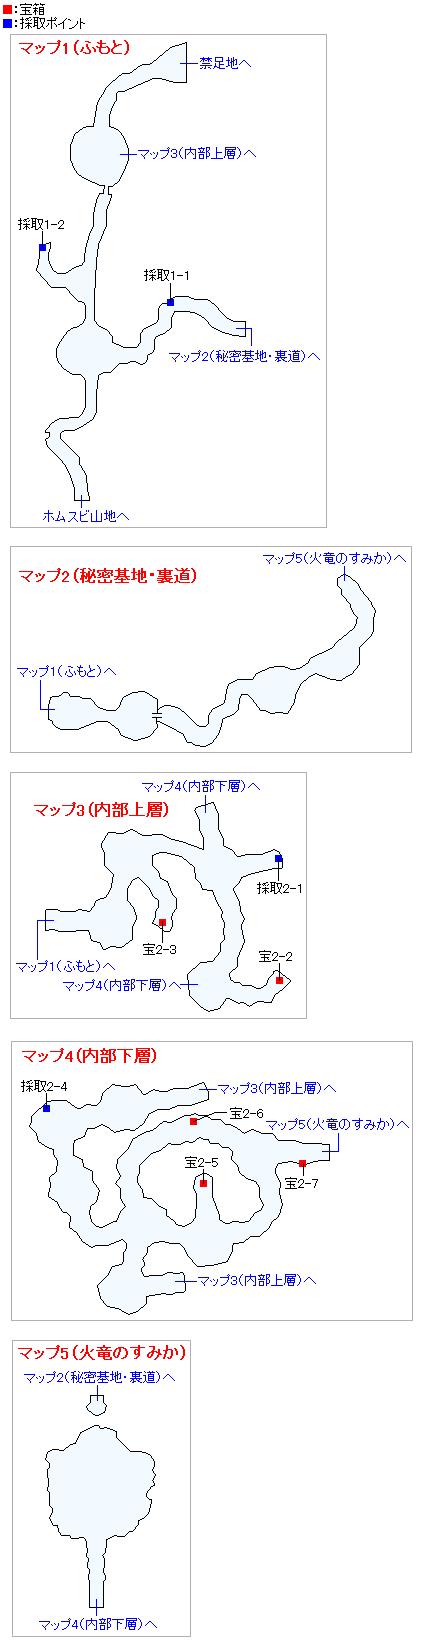 ヒノノギ火山(3DSの3Dモード)のマップ画像